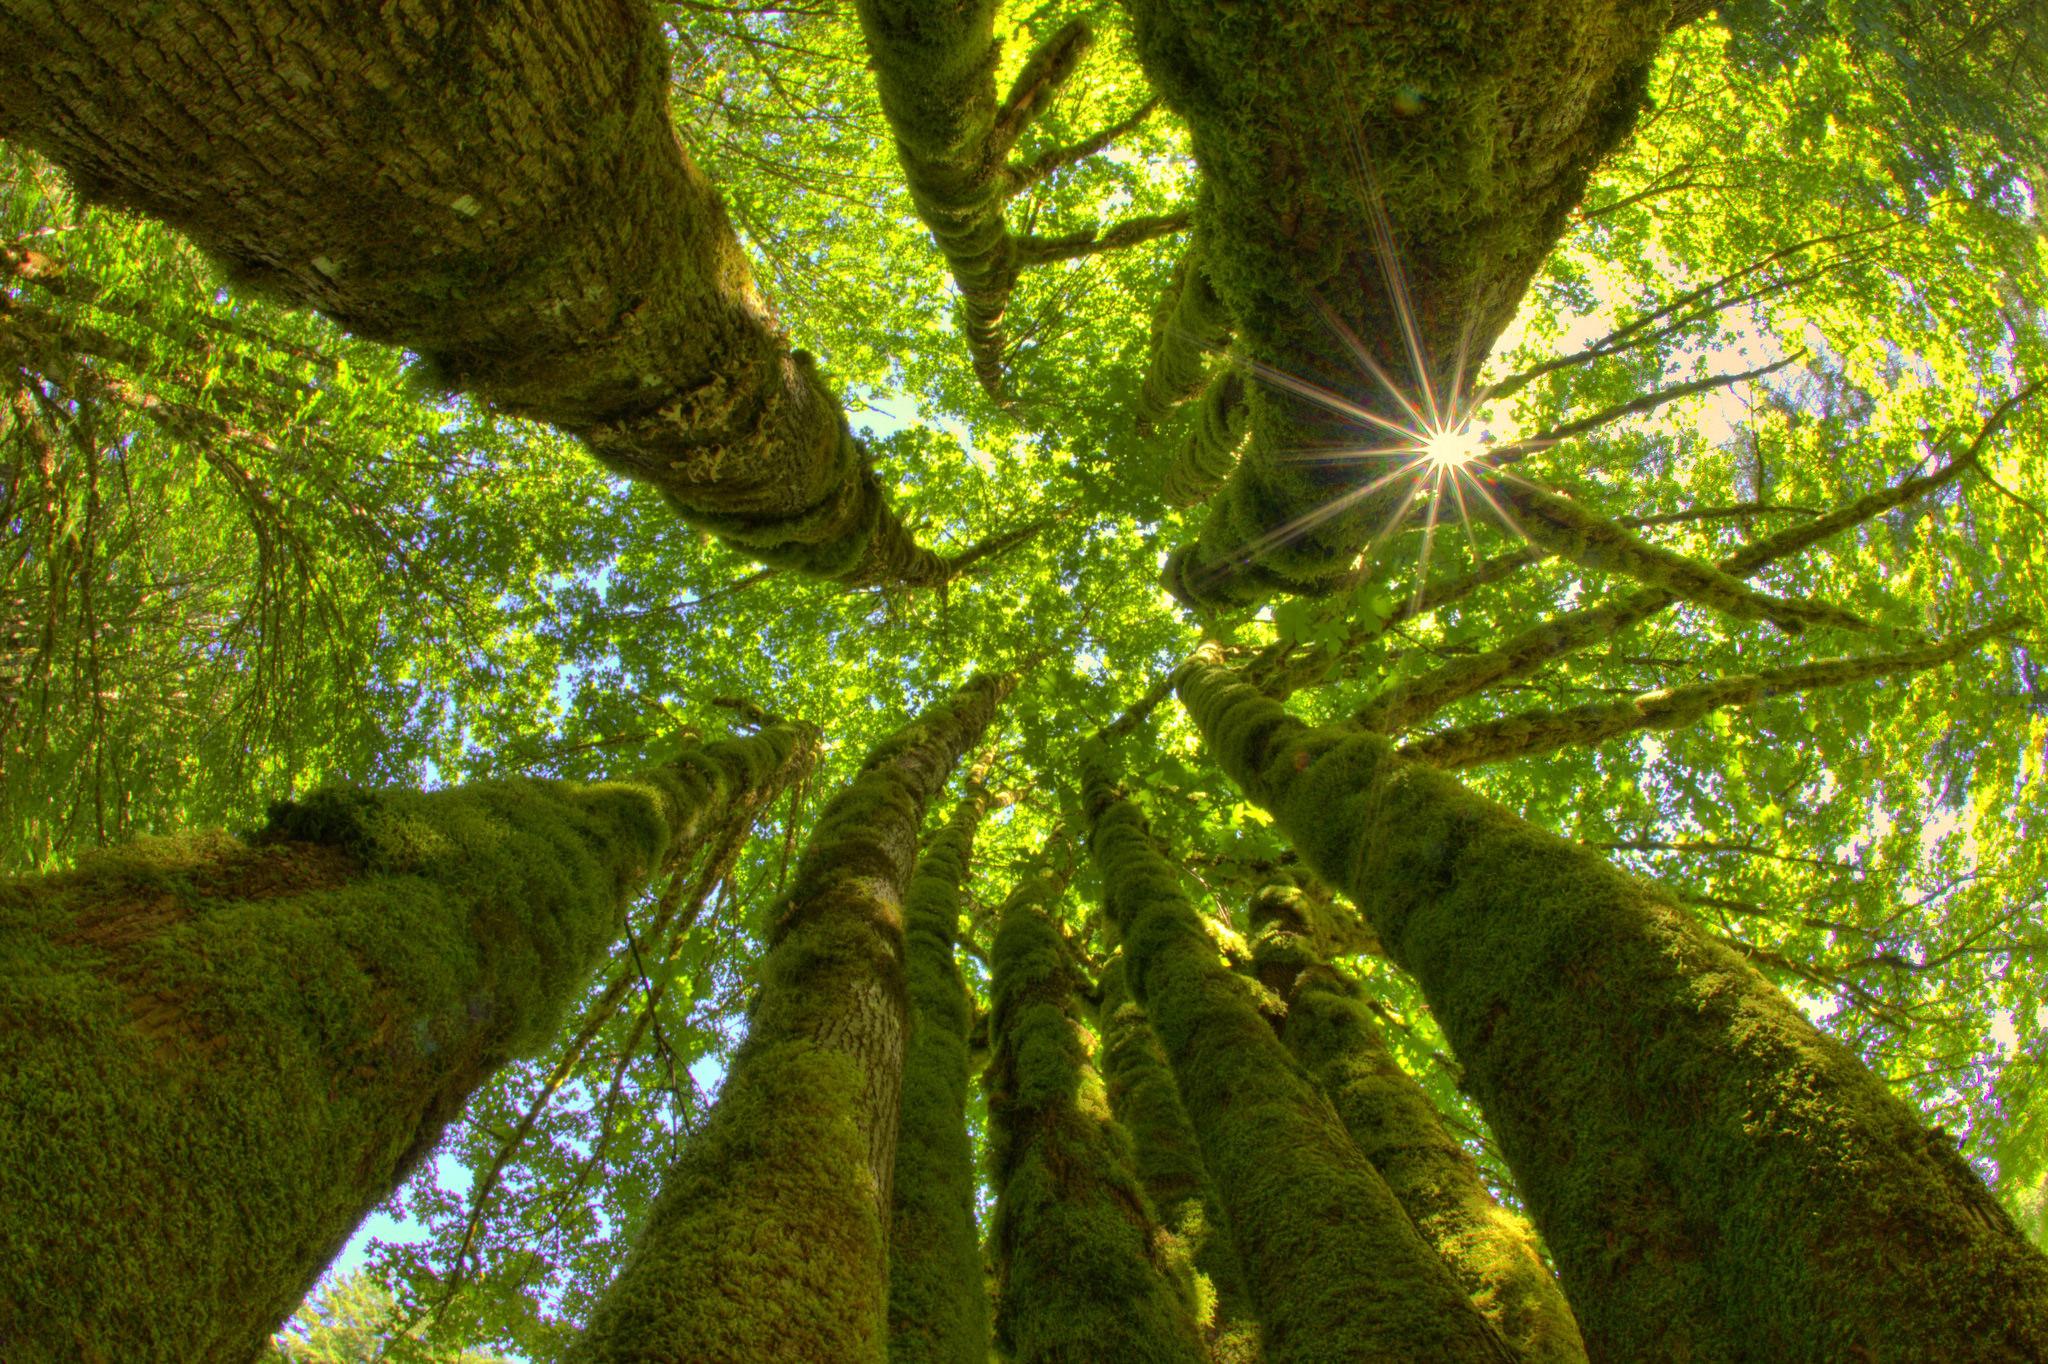 Looking up at trees by Gabor Gardonyi